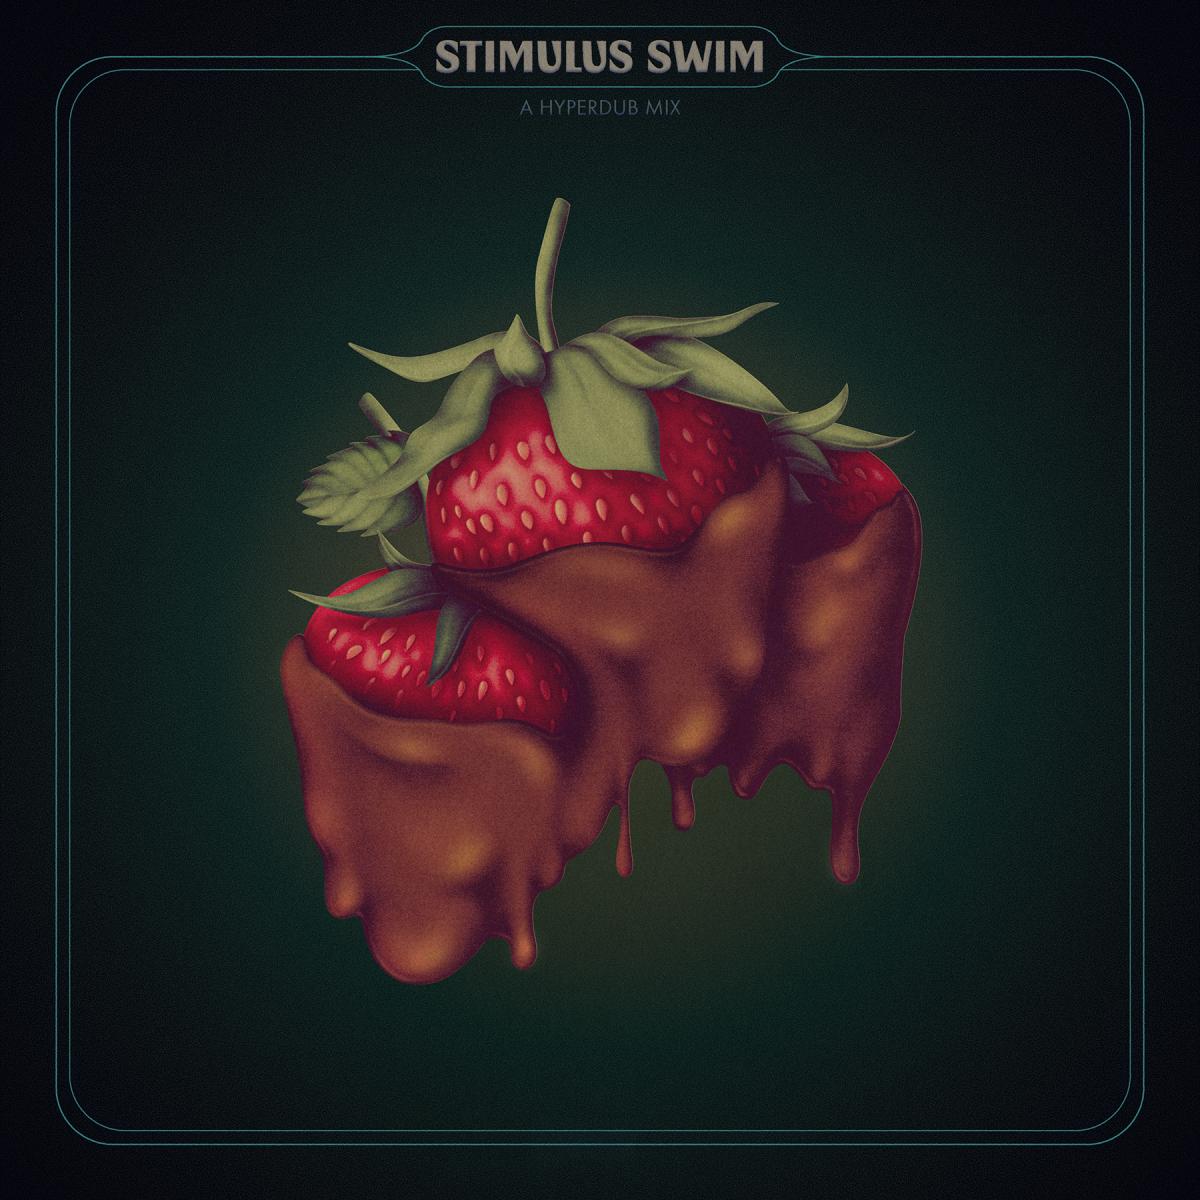 Hyperdub Stimulus Swim